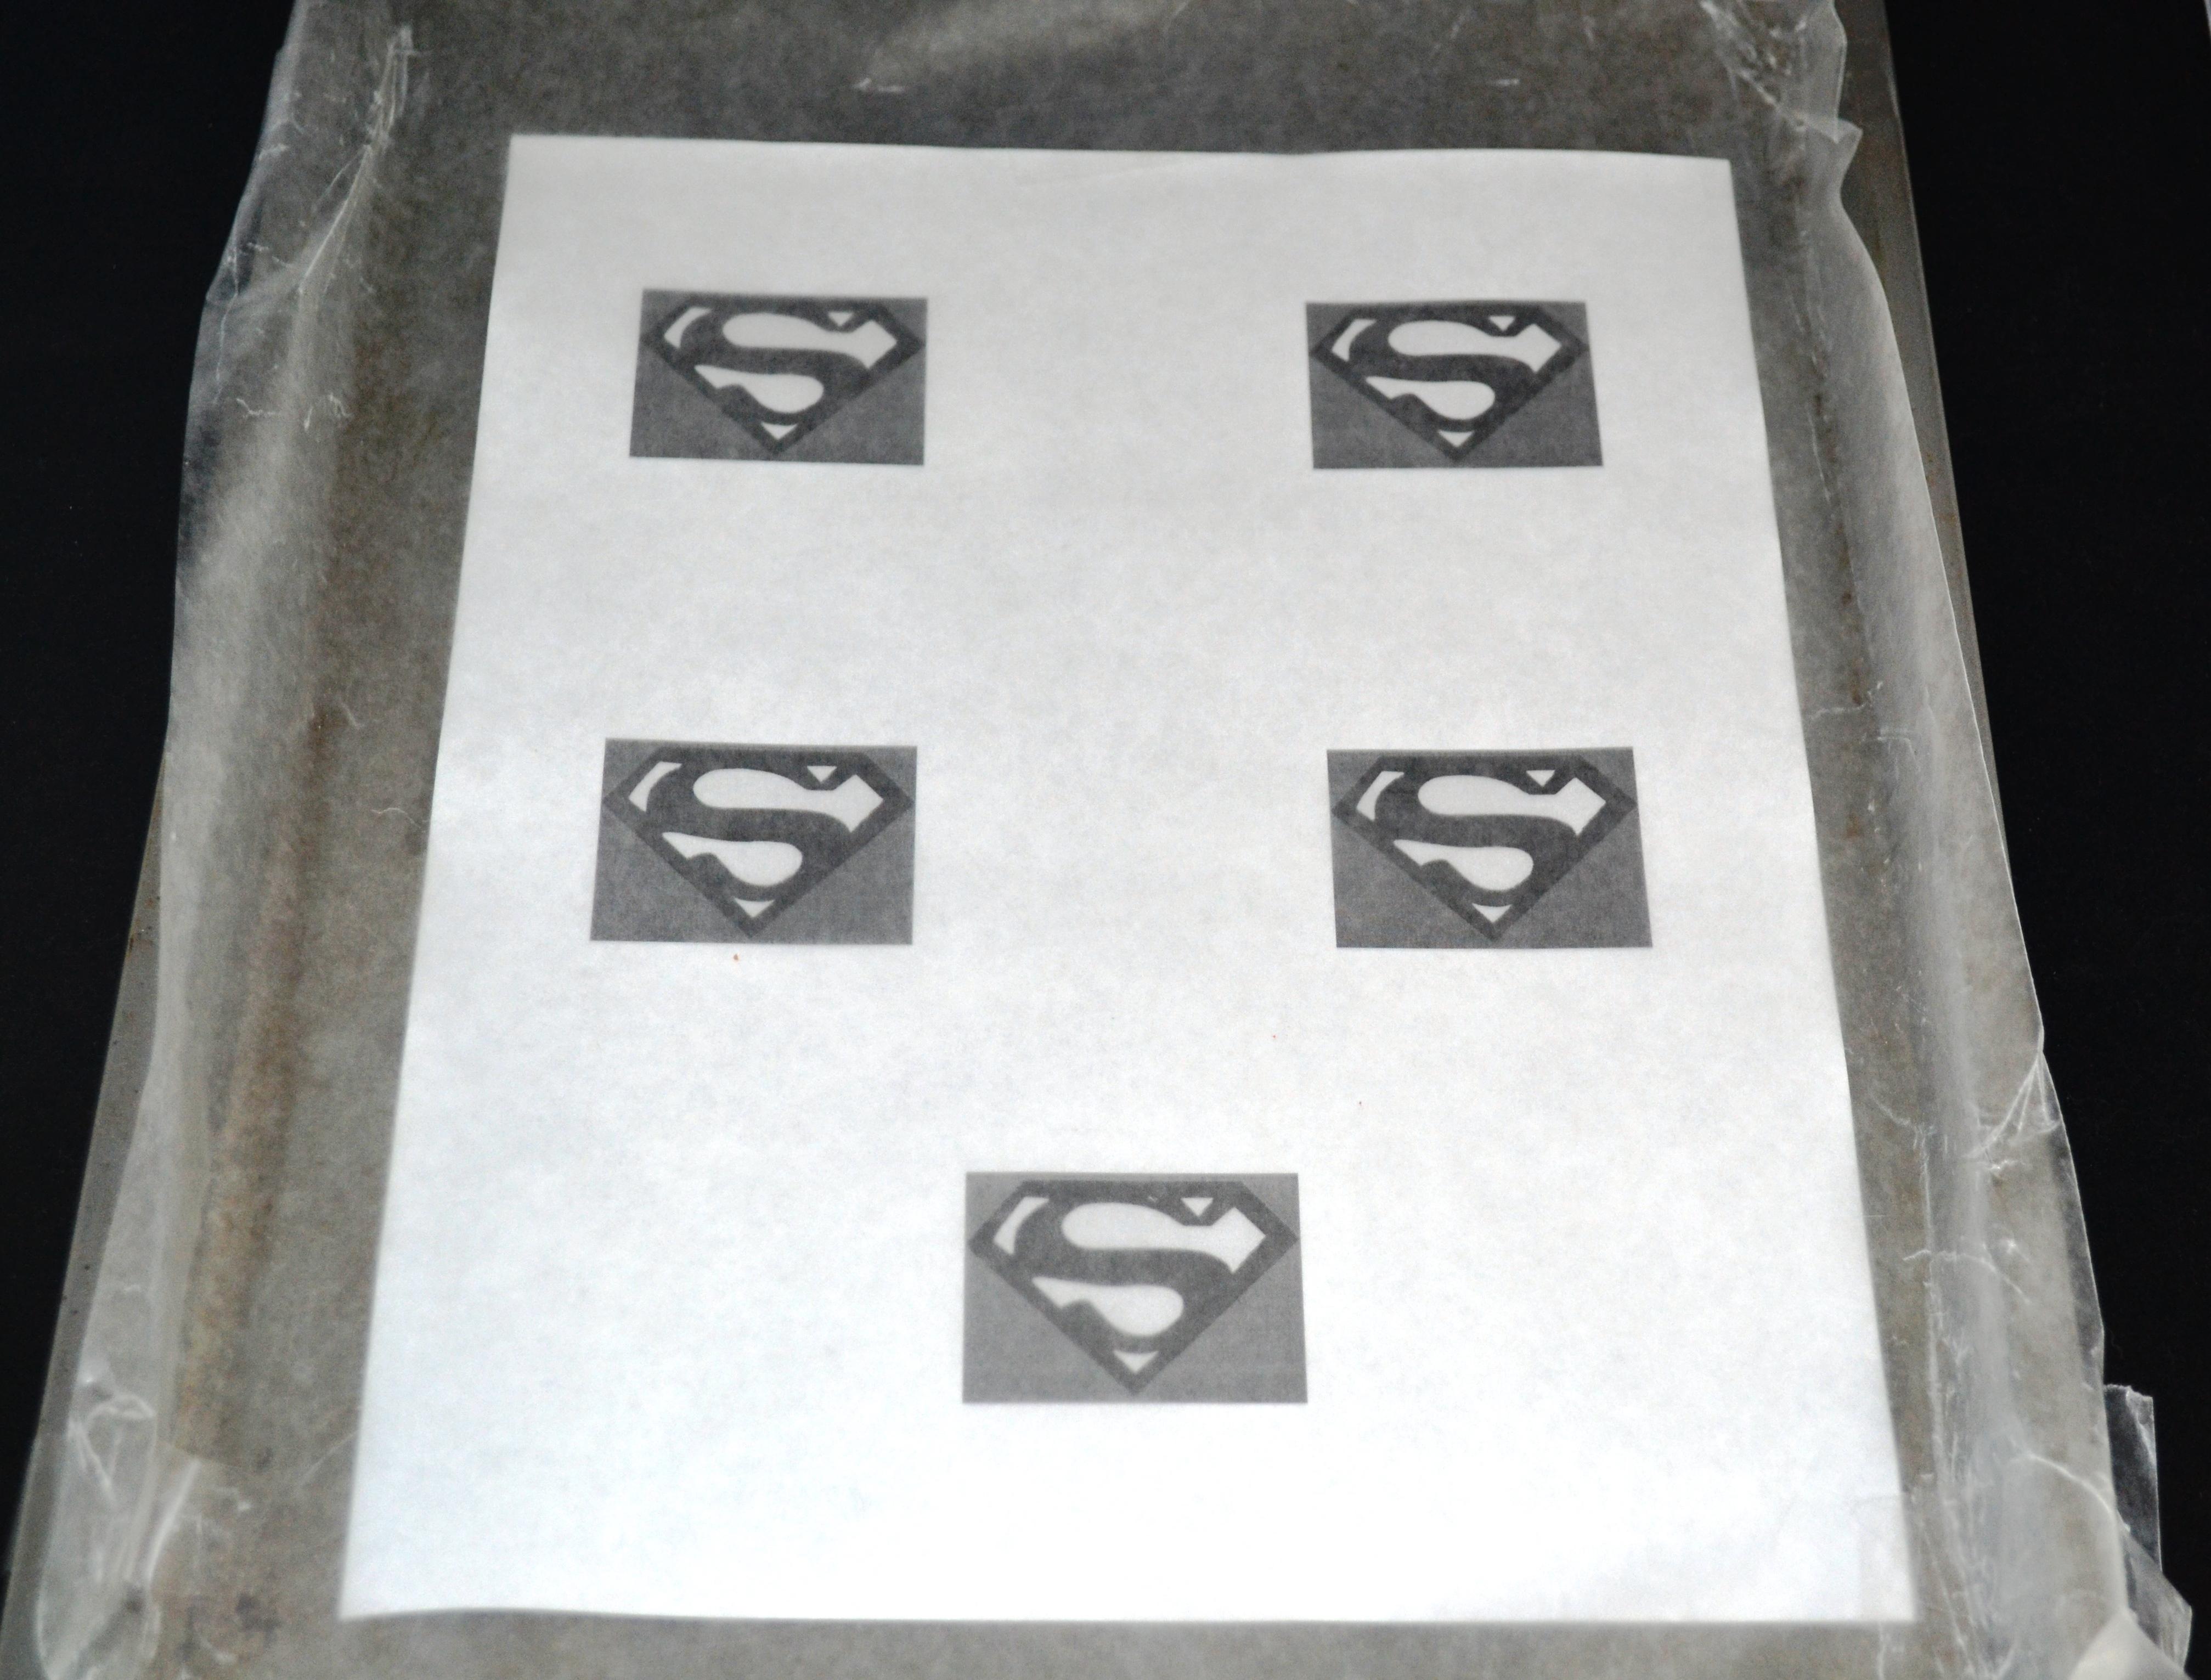 Superman emblem wax paper